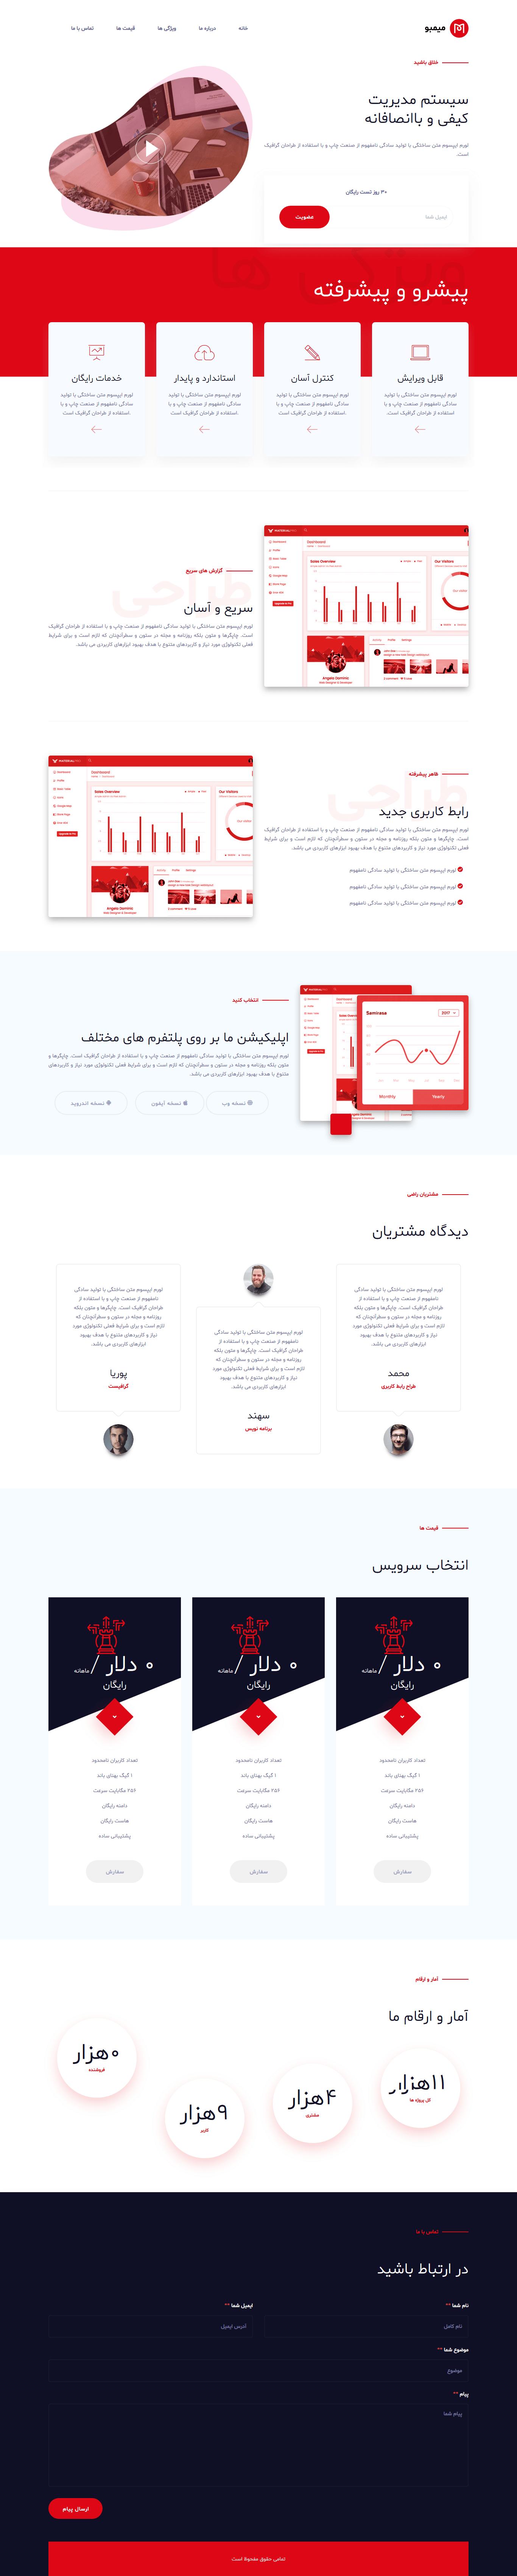 قالب HTML میمبو